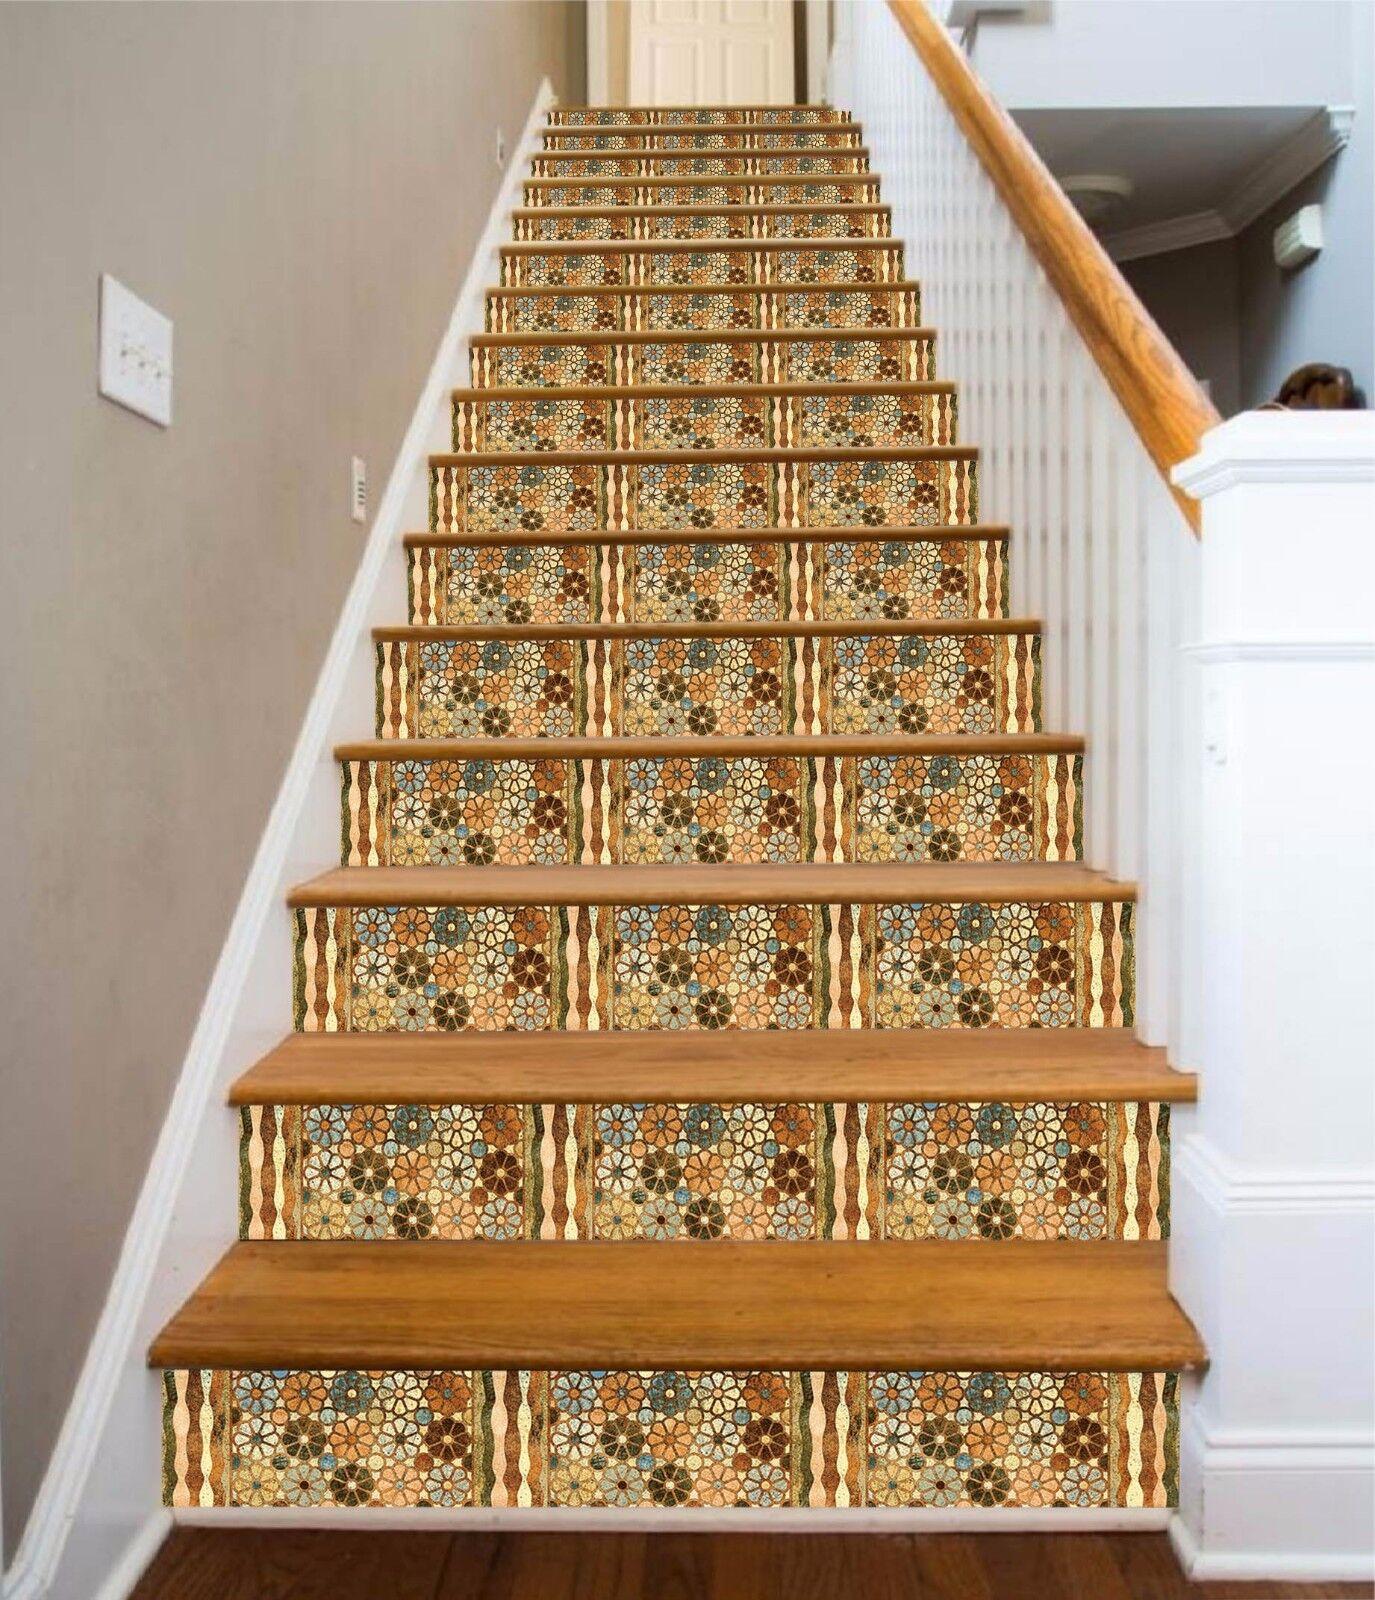 3D Blume 416 Stair Risers Dekoration Fototapete Vinyl Aufkleber Tapete DE Lemon